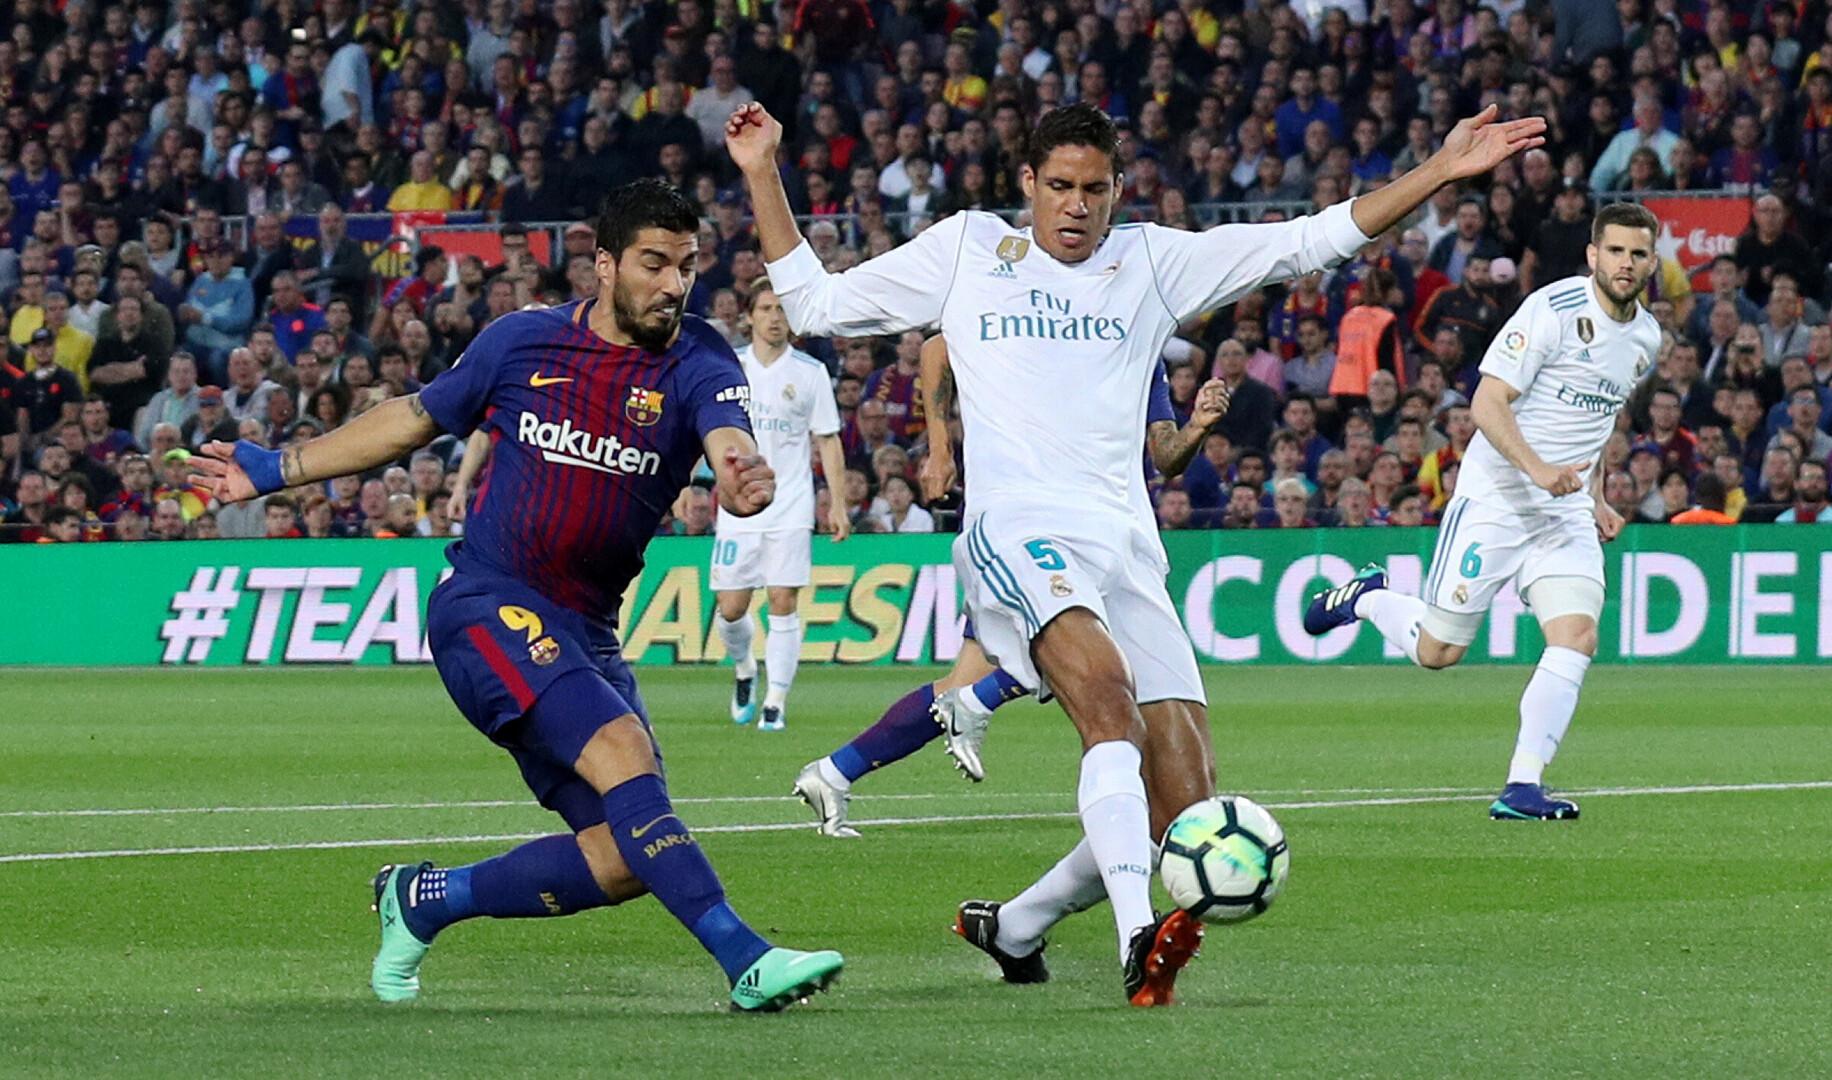 d186a4b7419 Barcelona ja Madridi Reali vaheline Hispaania kõrgliiga kohtumine  Autor/allikas: Reuters/Scanpix. Jalgpall